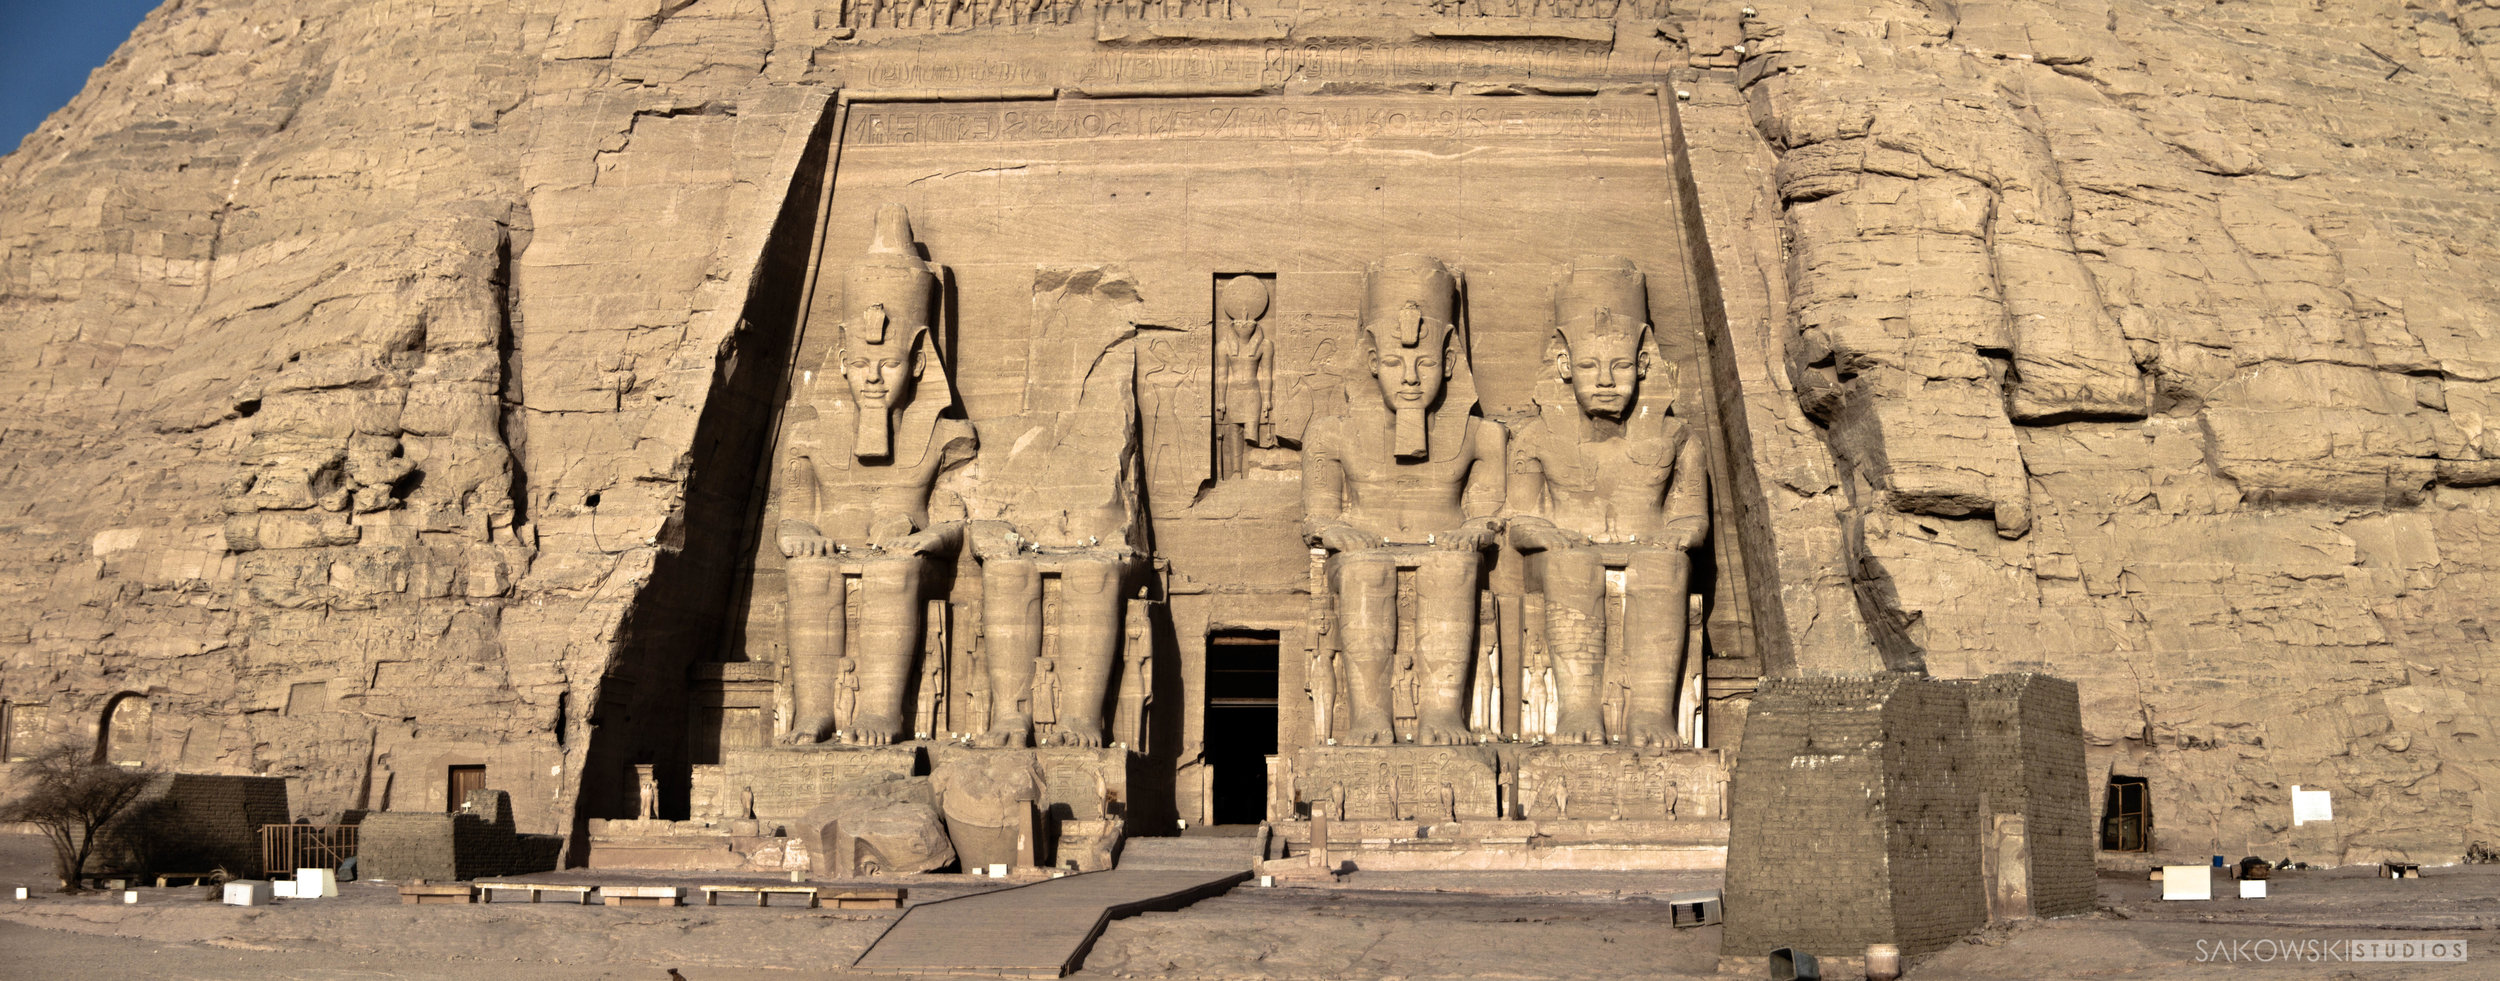 Sakowski_Egypt_06.jpg